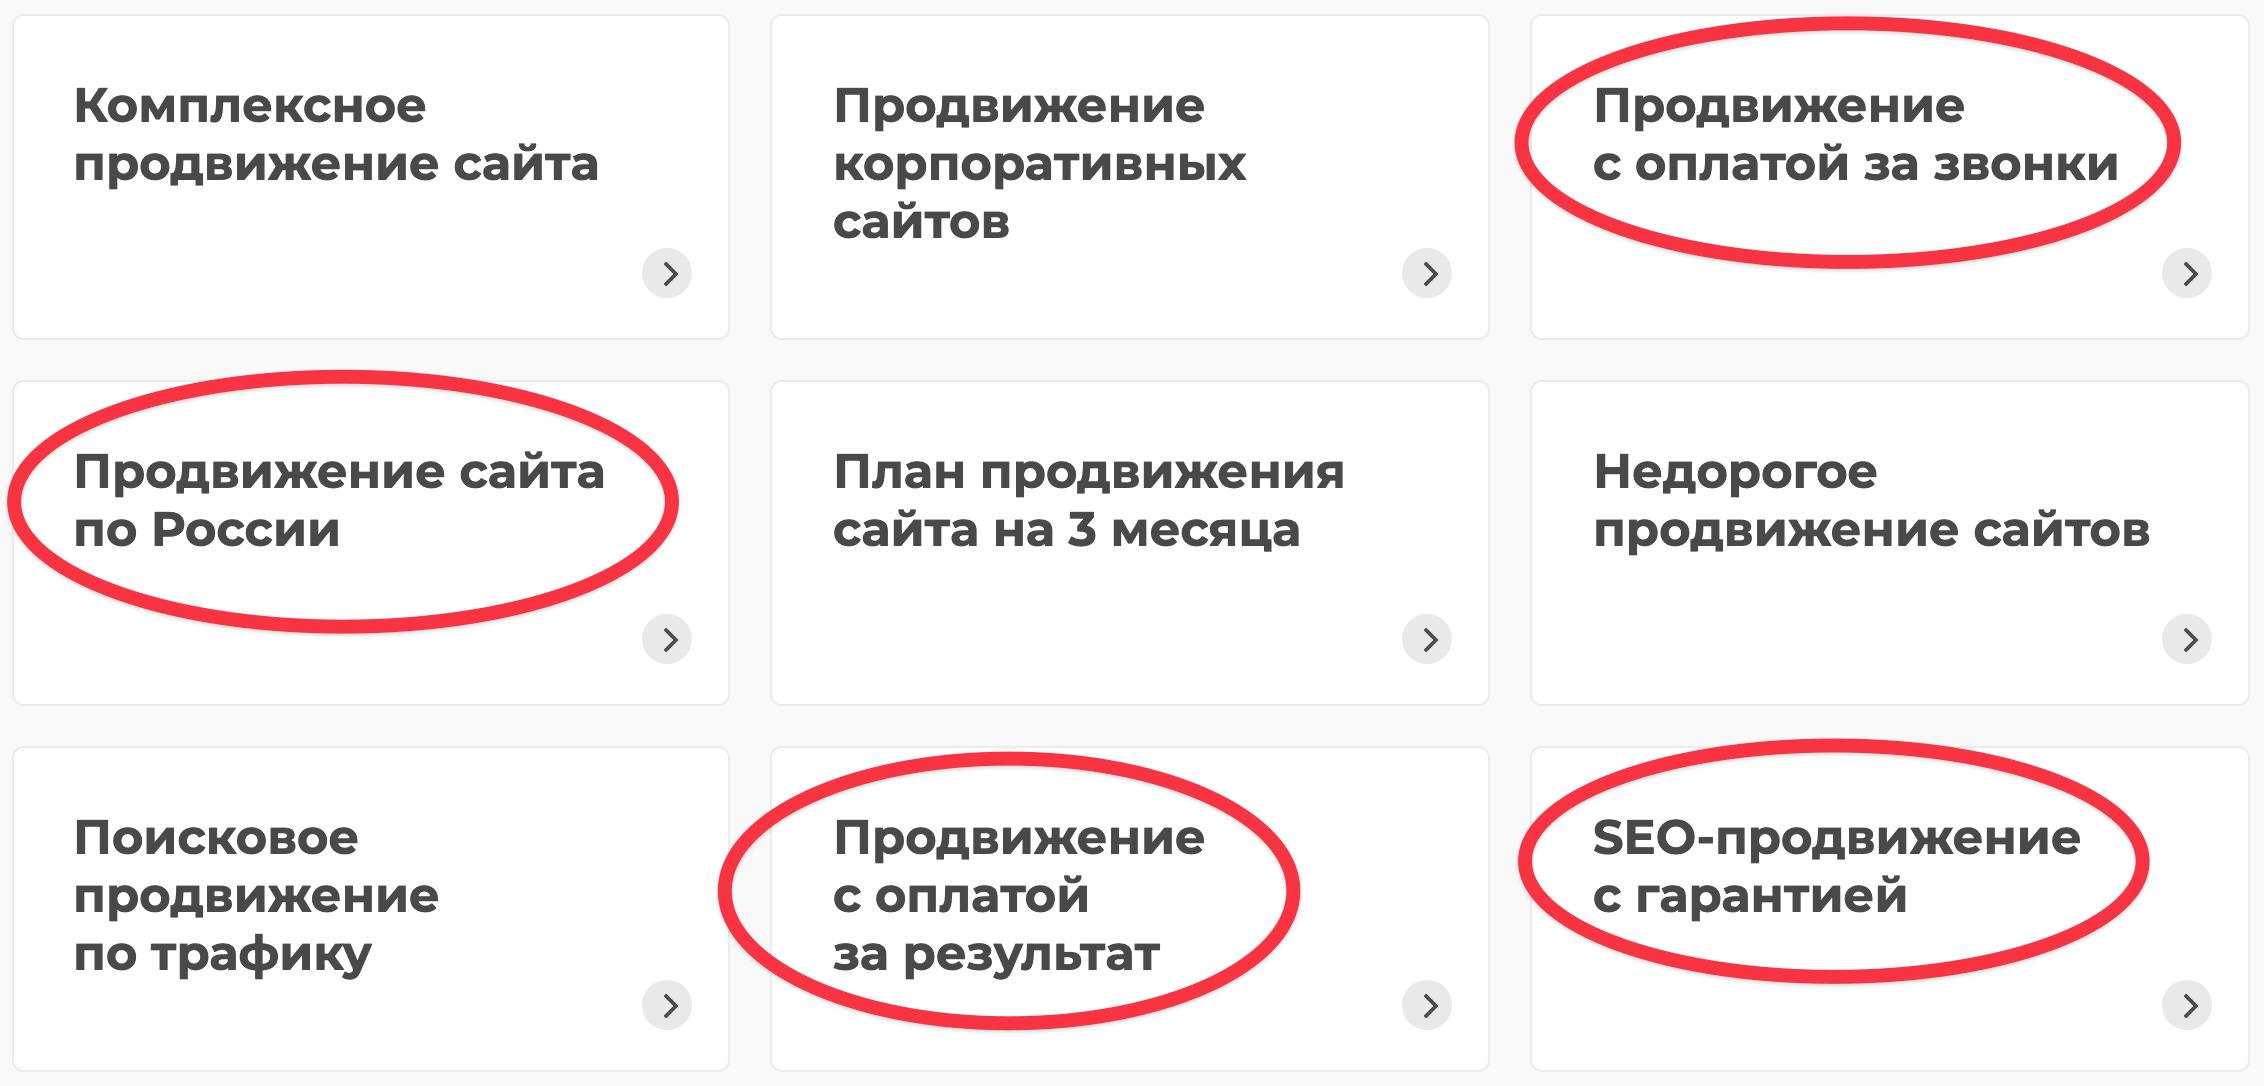 поиск ключевых запросов маркеров на сайтах конкурентов